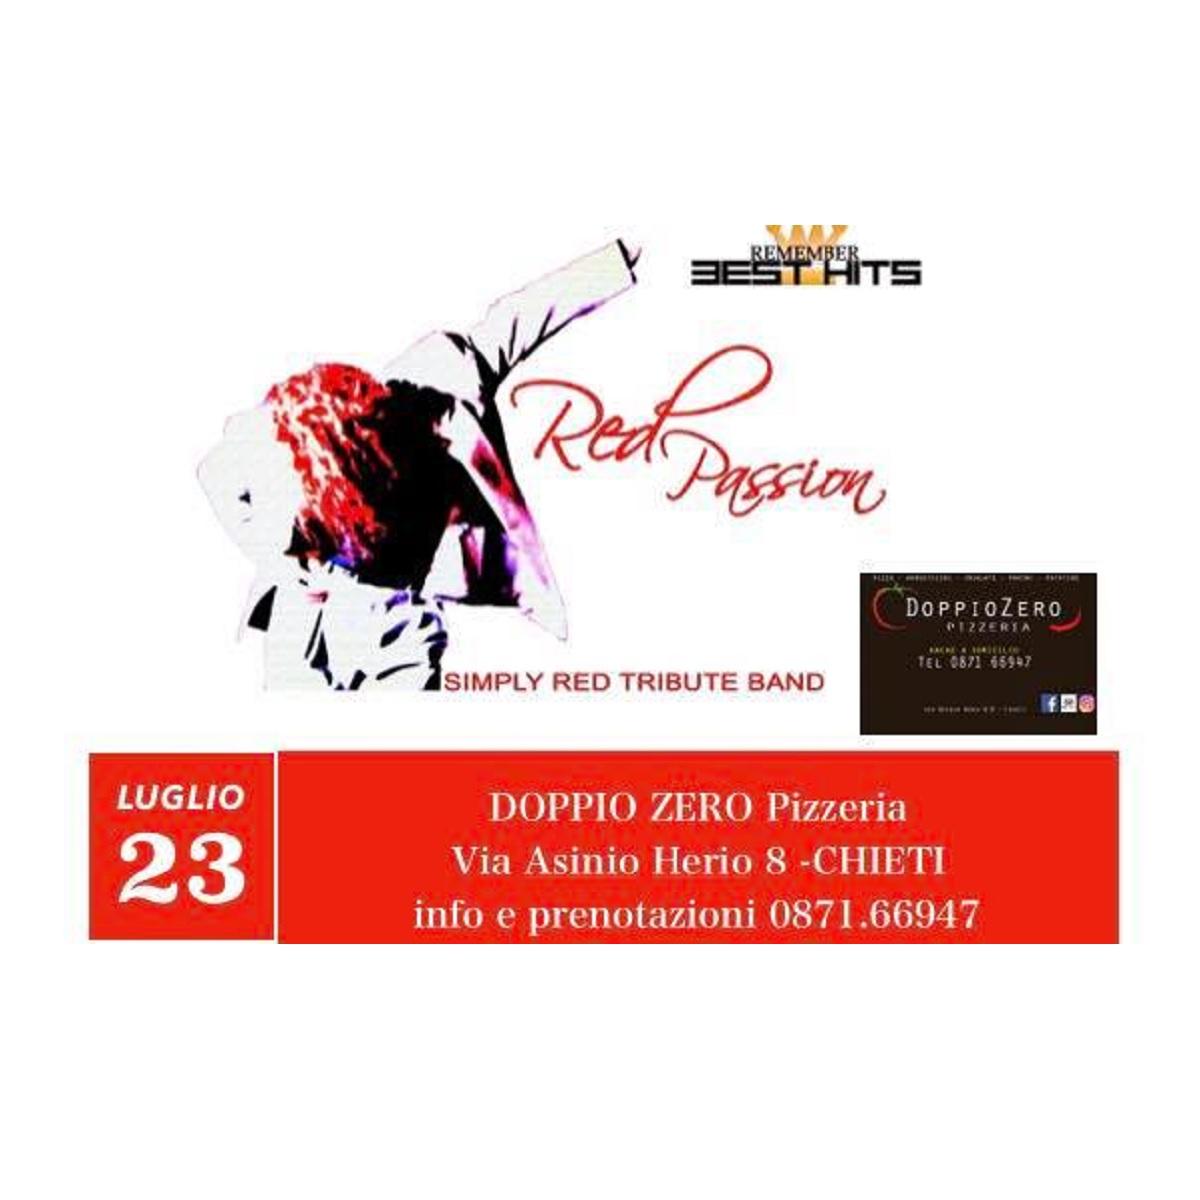 Red Passion al DoppioZero a Chieti 23 luglio 2021 foto